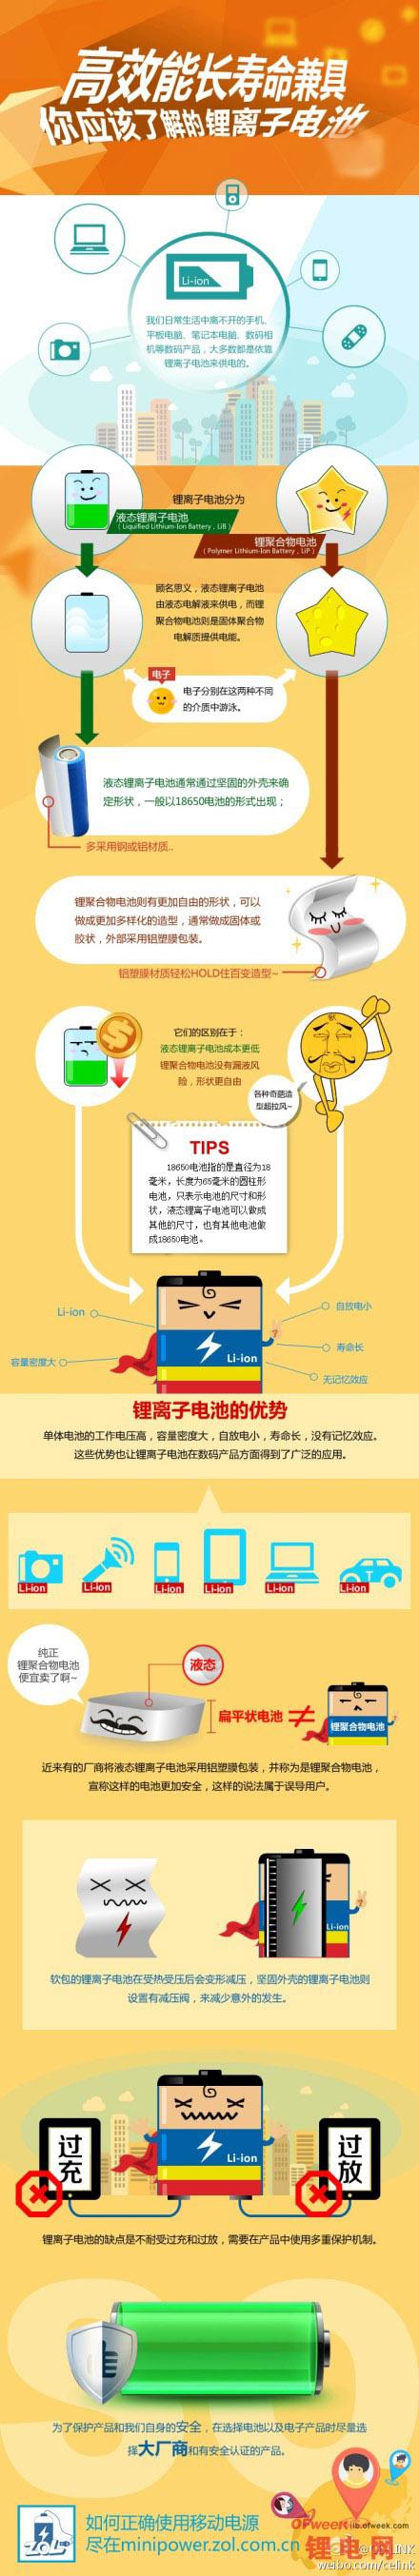 图说锂电池:高效长寿兼具